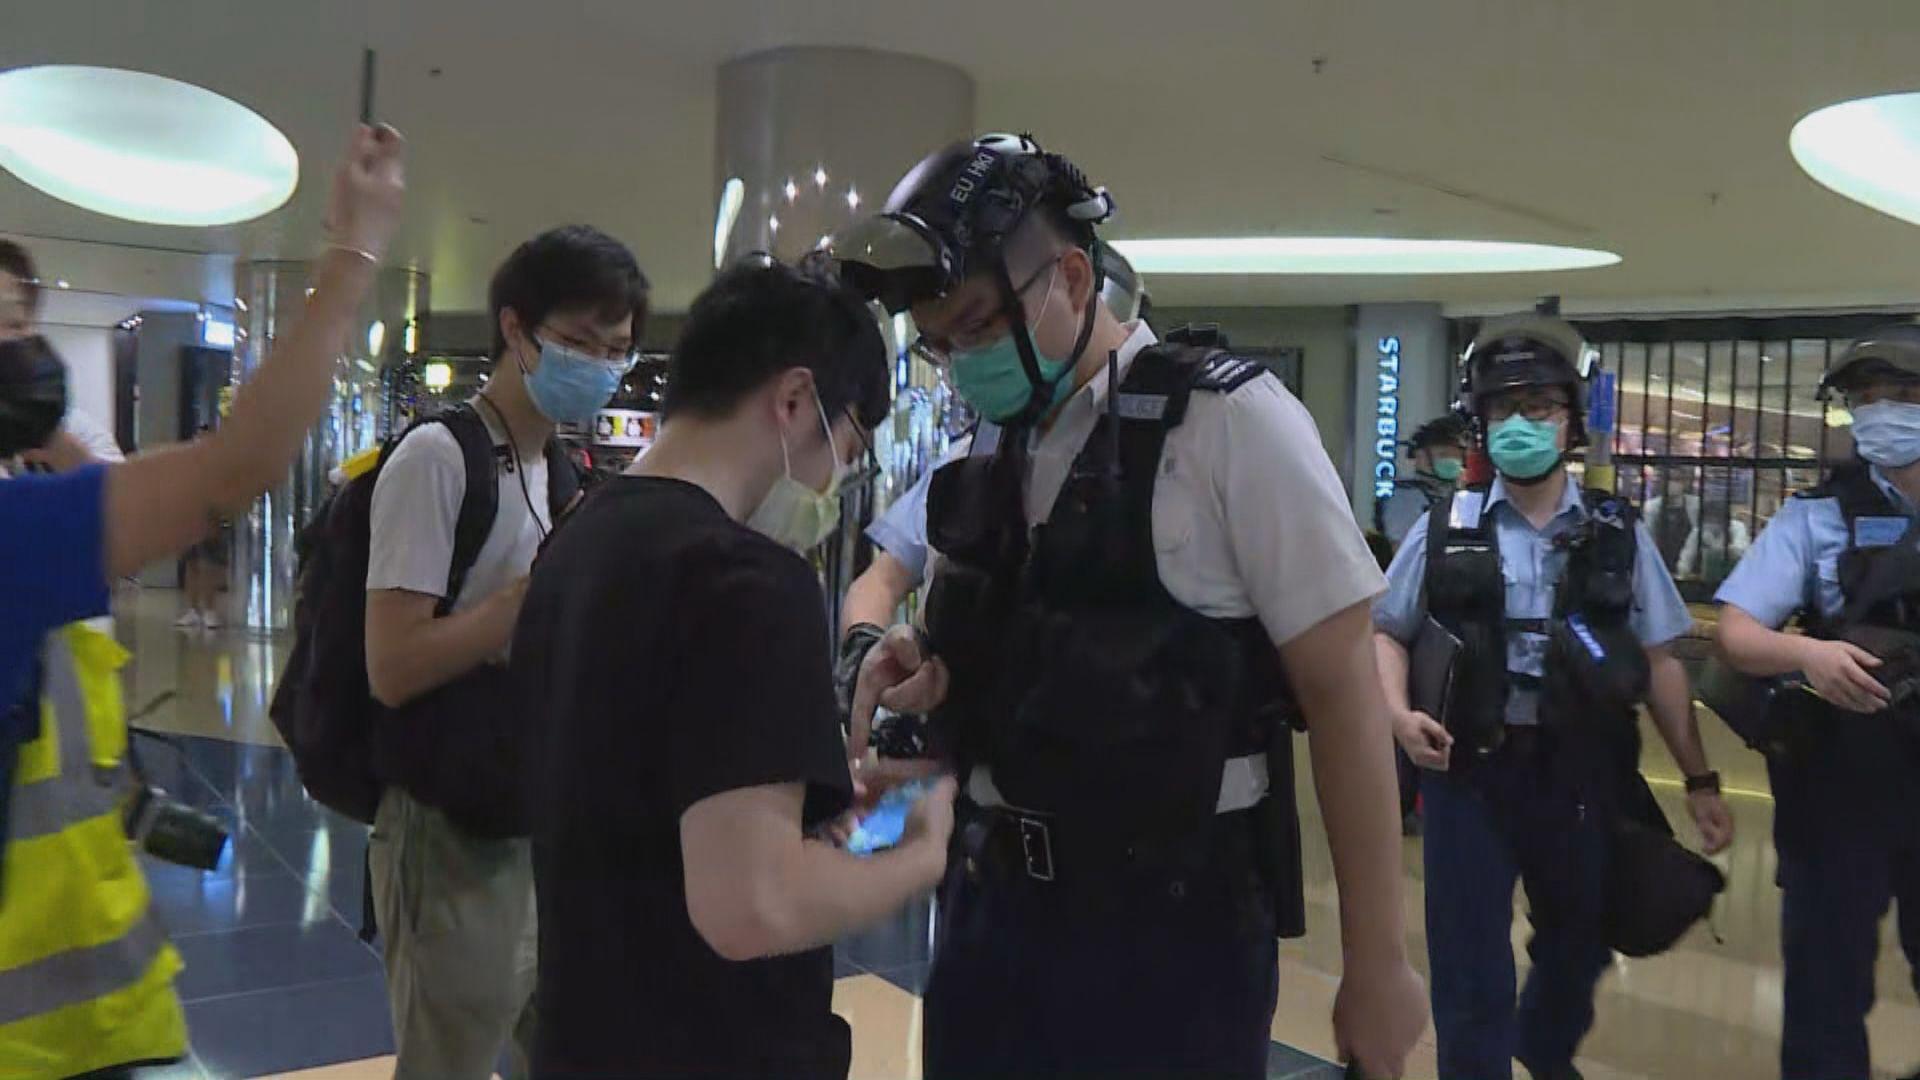 旺角新世紀廣場疑有人擲物 防暴警一度舉槍指向樓上